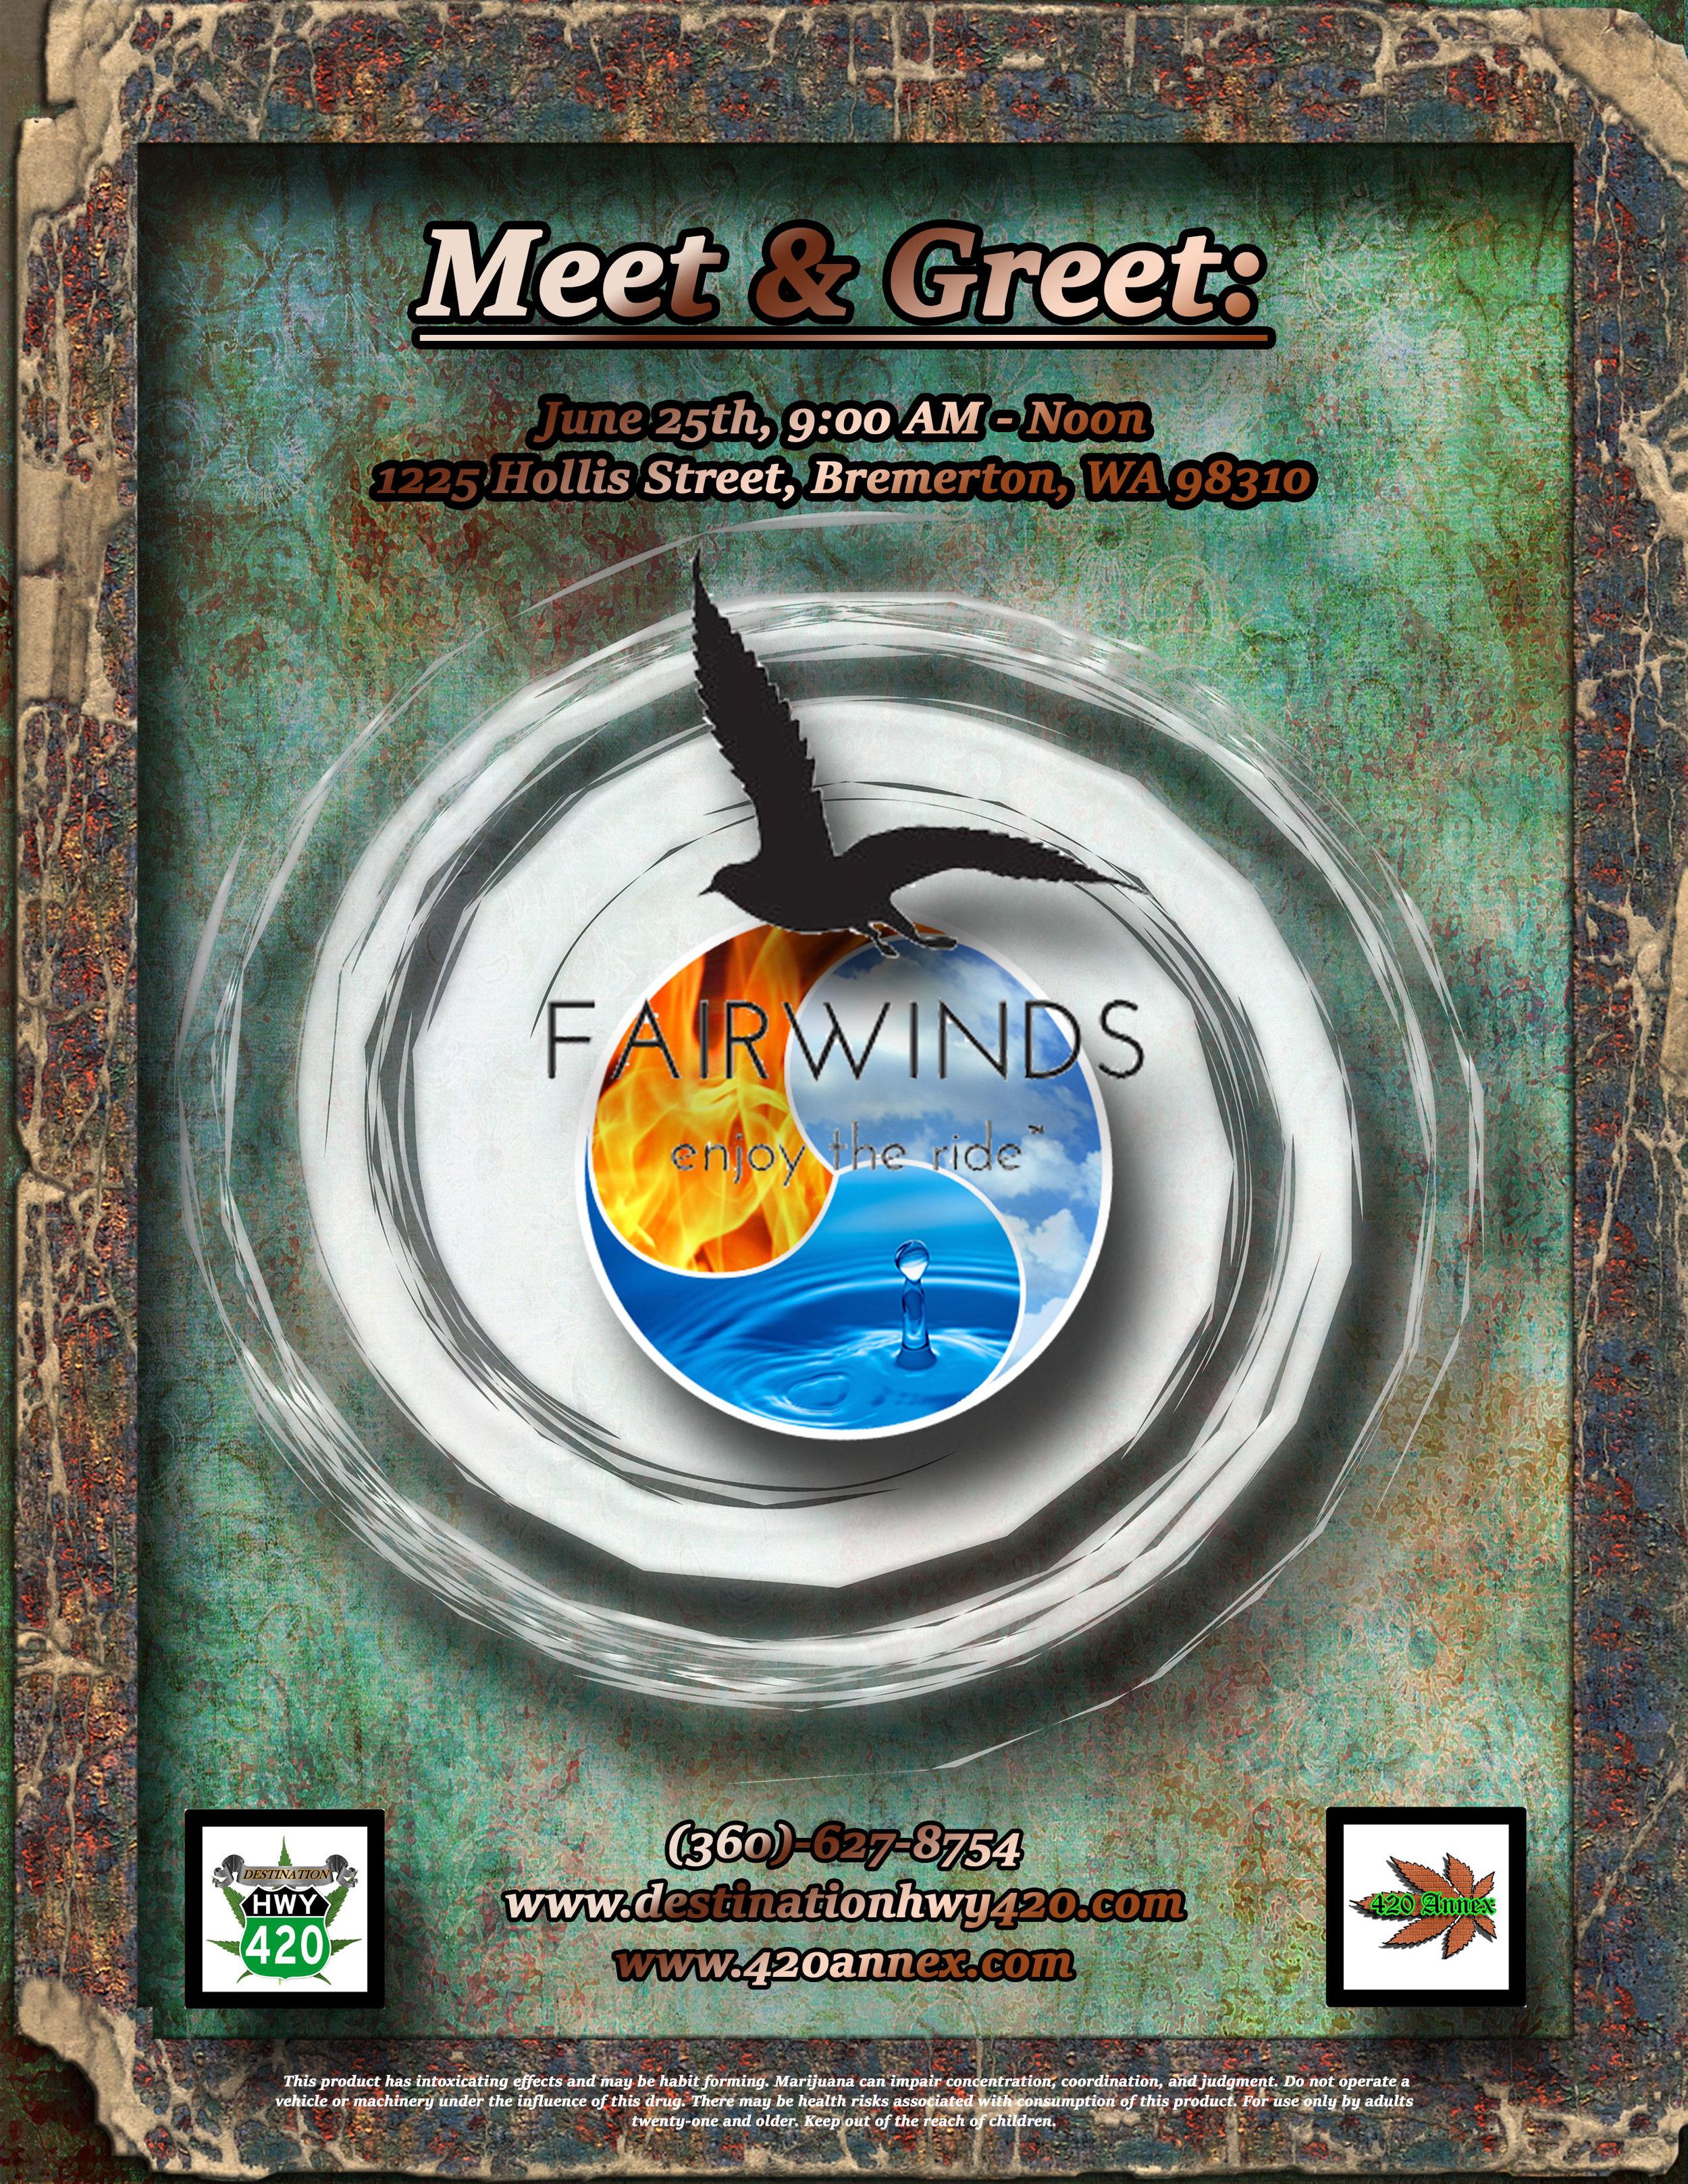 Fairwinds-meet-&-greet.jpg